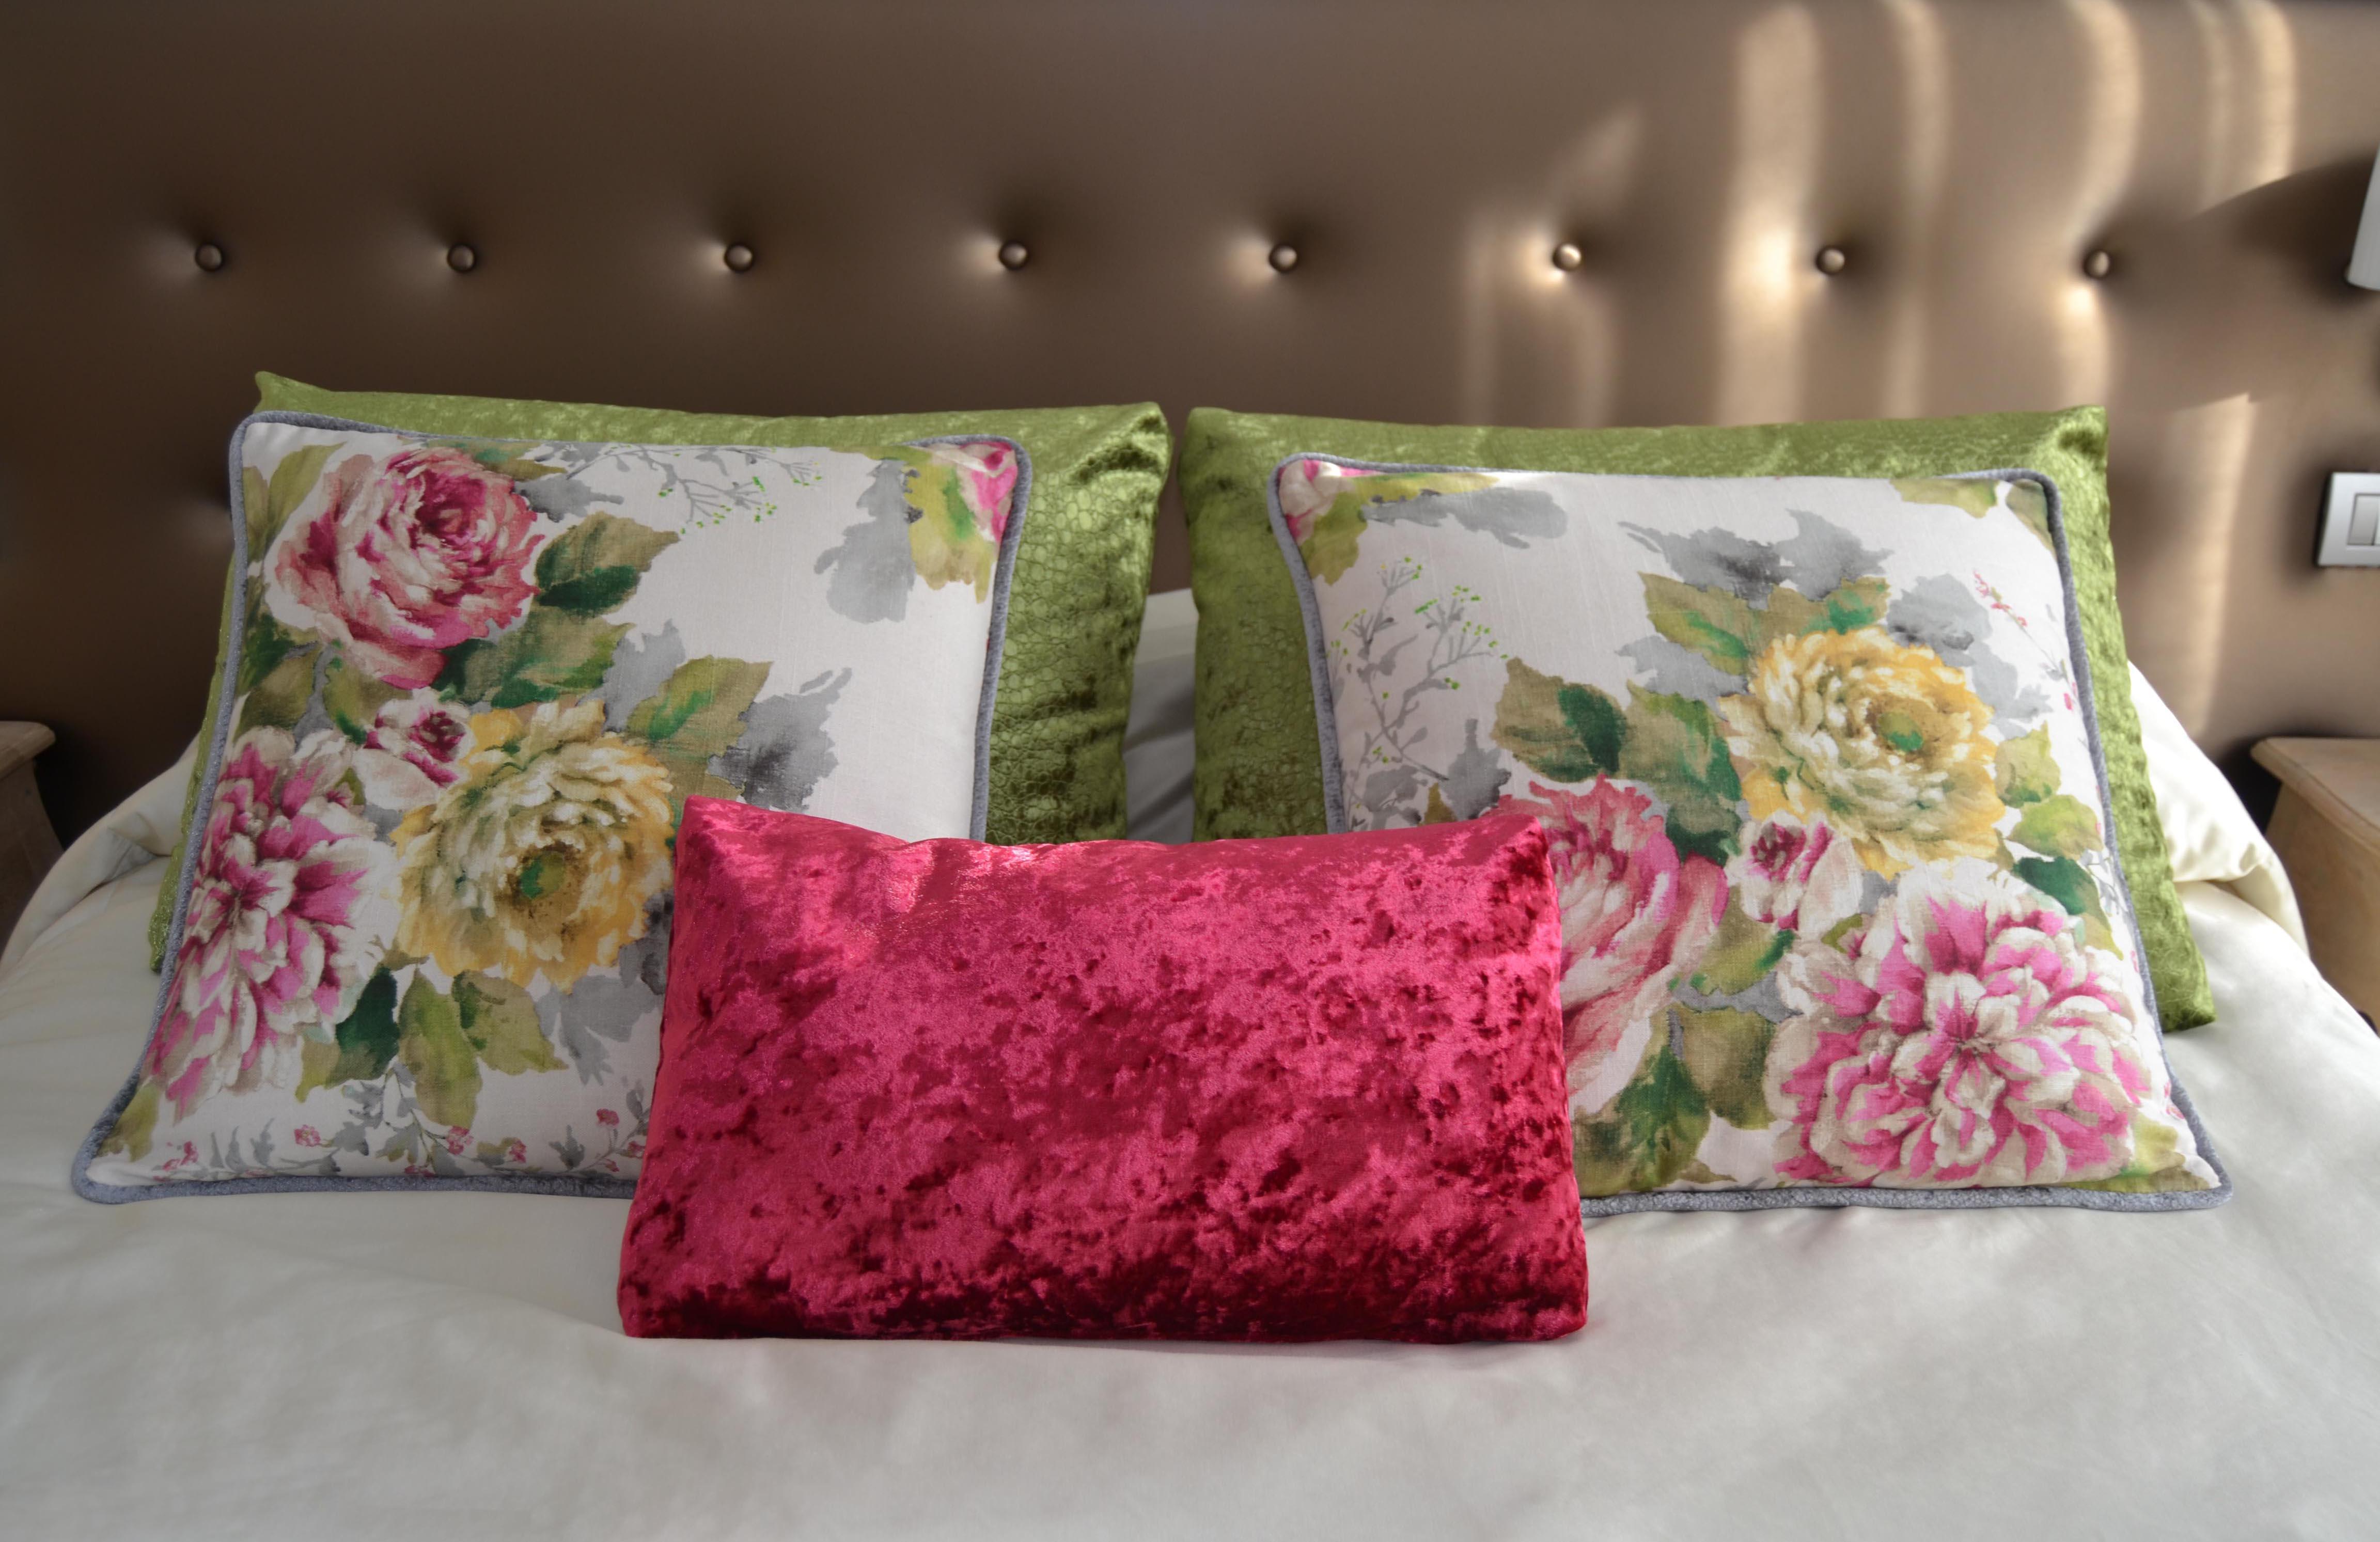 Un dormitorio con flores para marta villalba interiorismo - Cojines grandes para cama ...